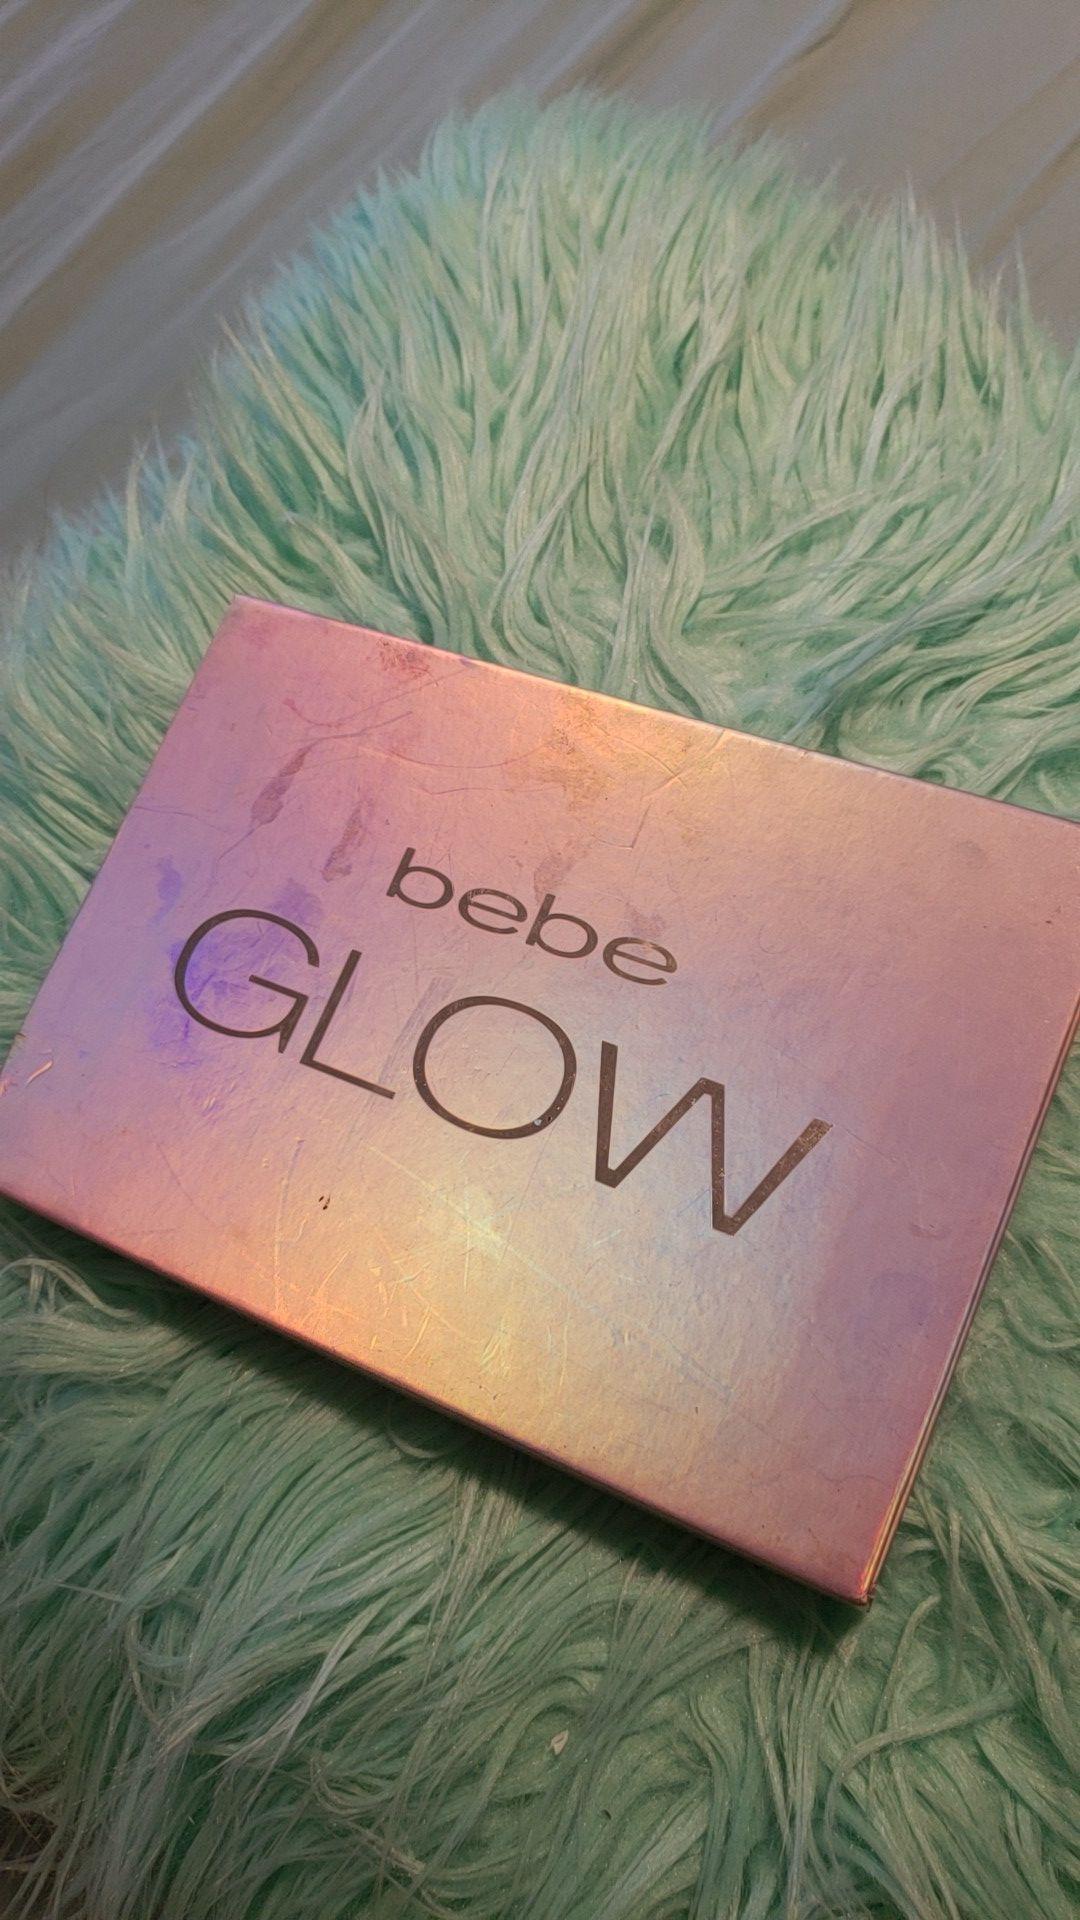 Bebe Glow